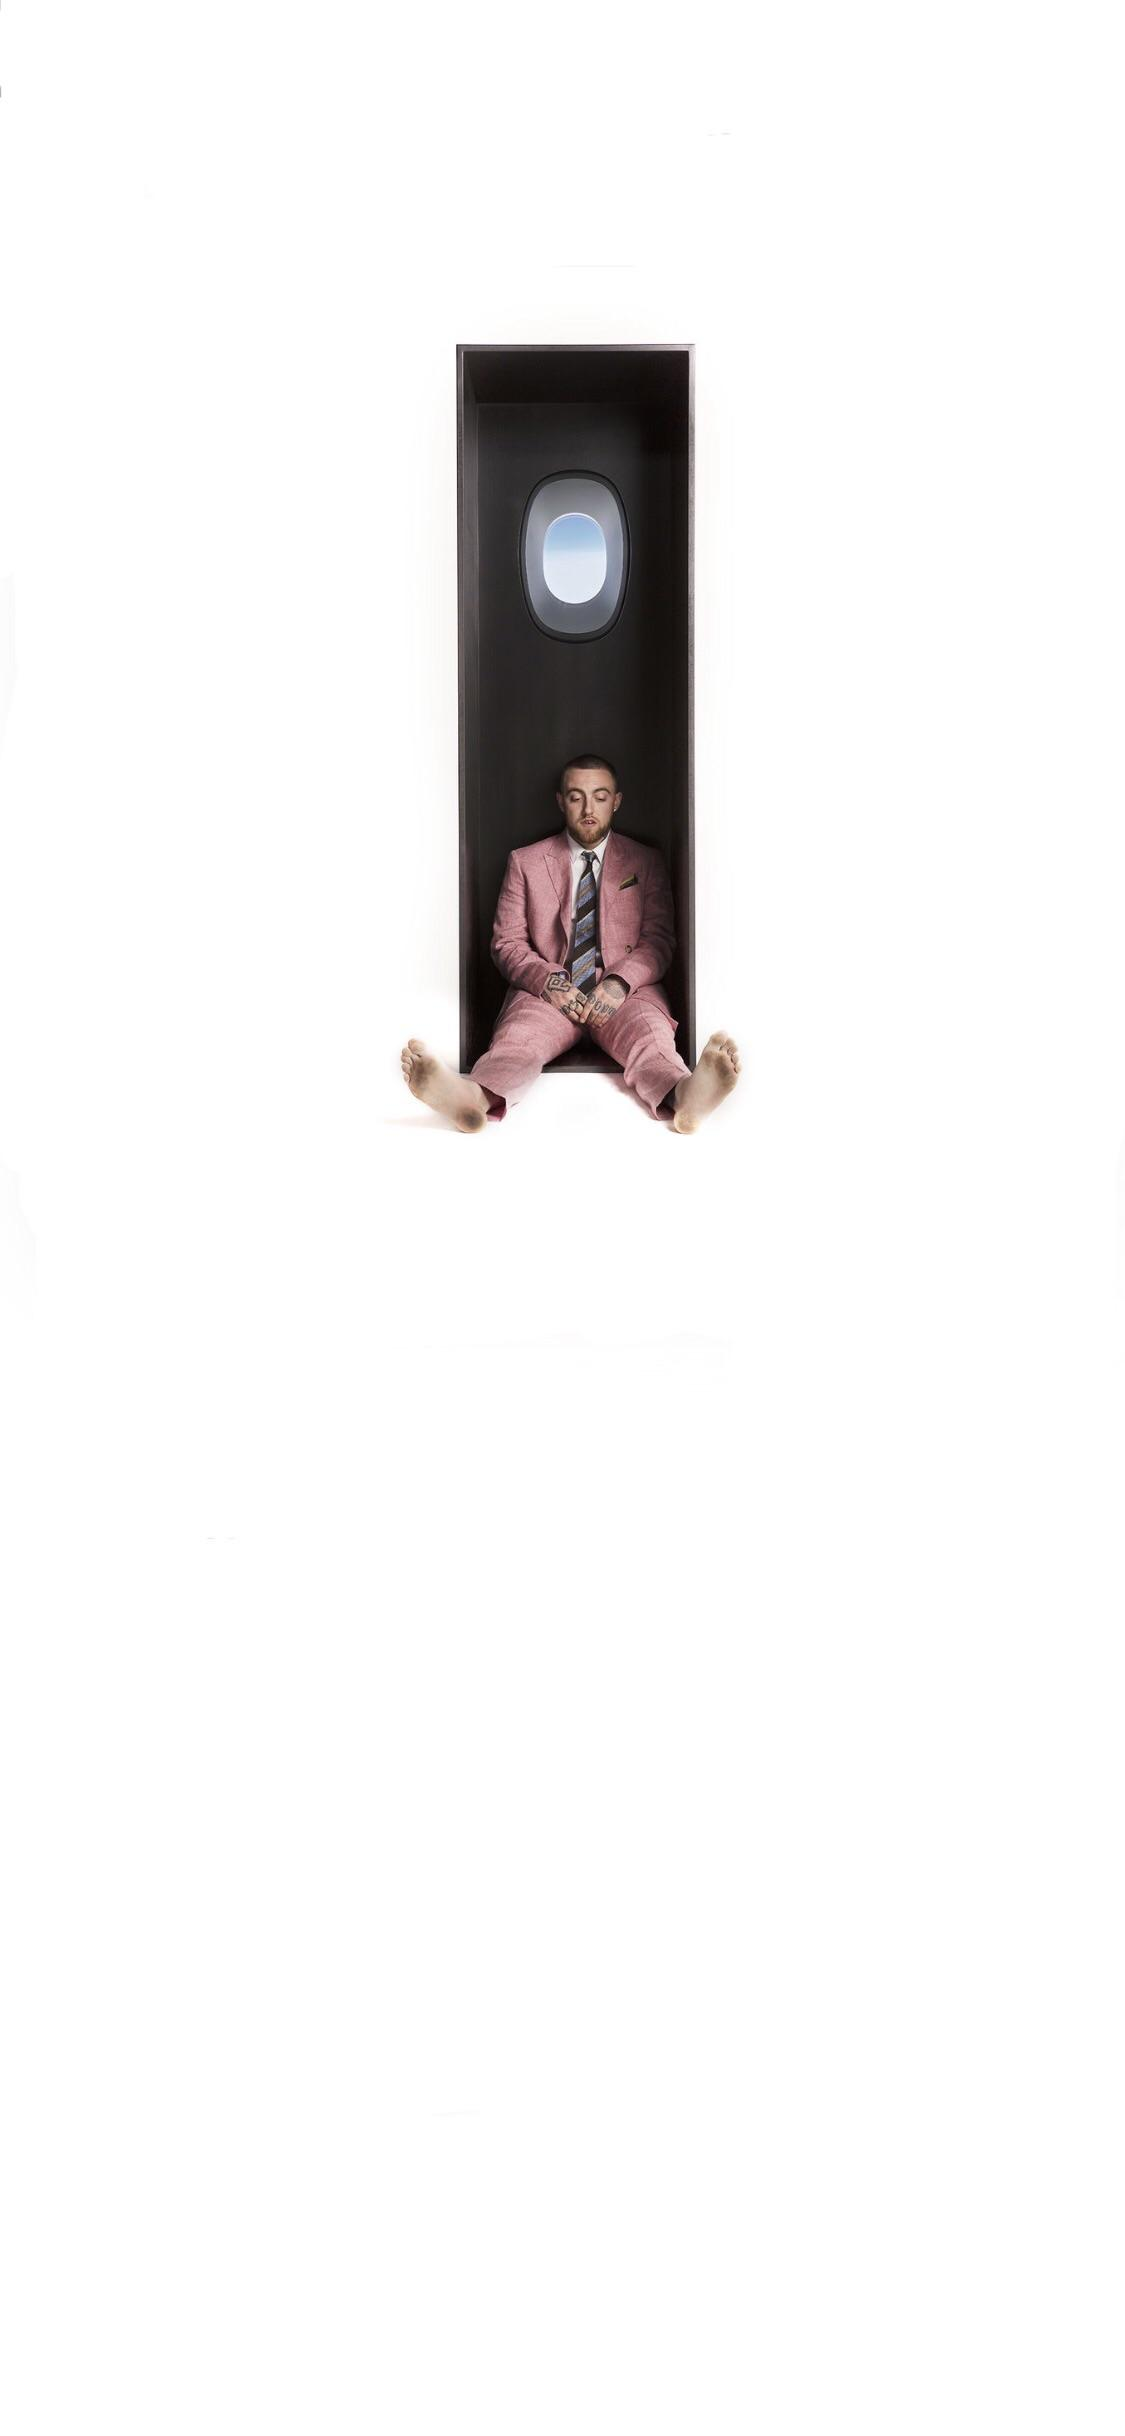 Mac Miller Swimming Wallpapers Top Free Mac Miller Swimming Backgrounds Wallpaperaccess